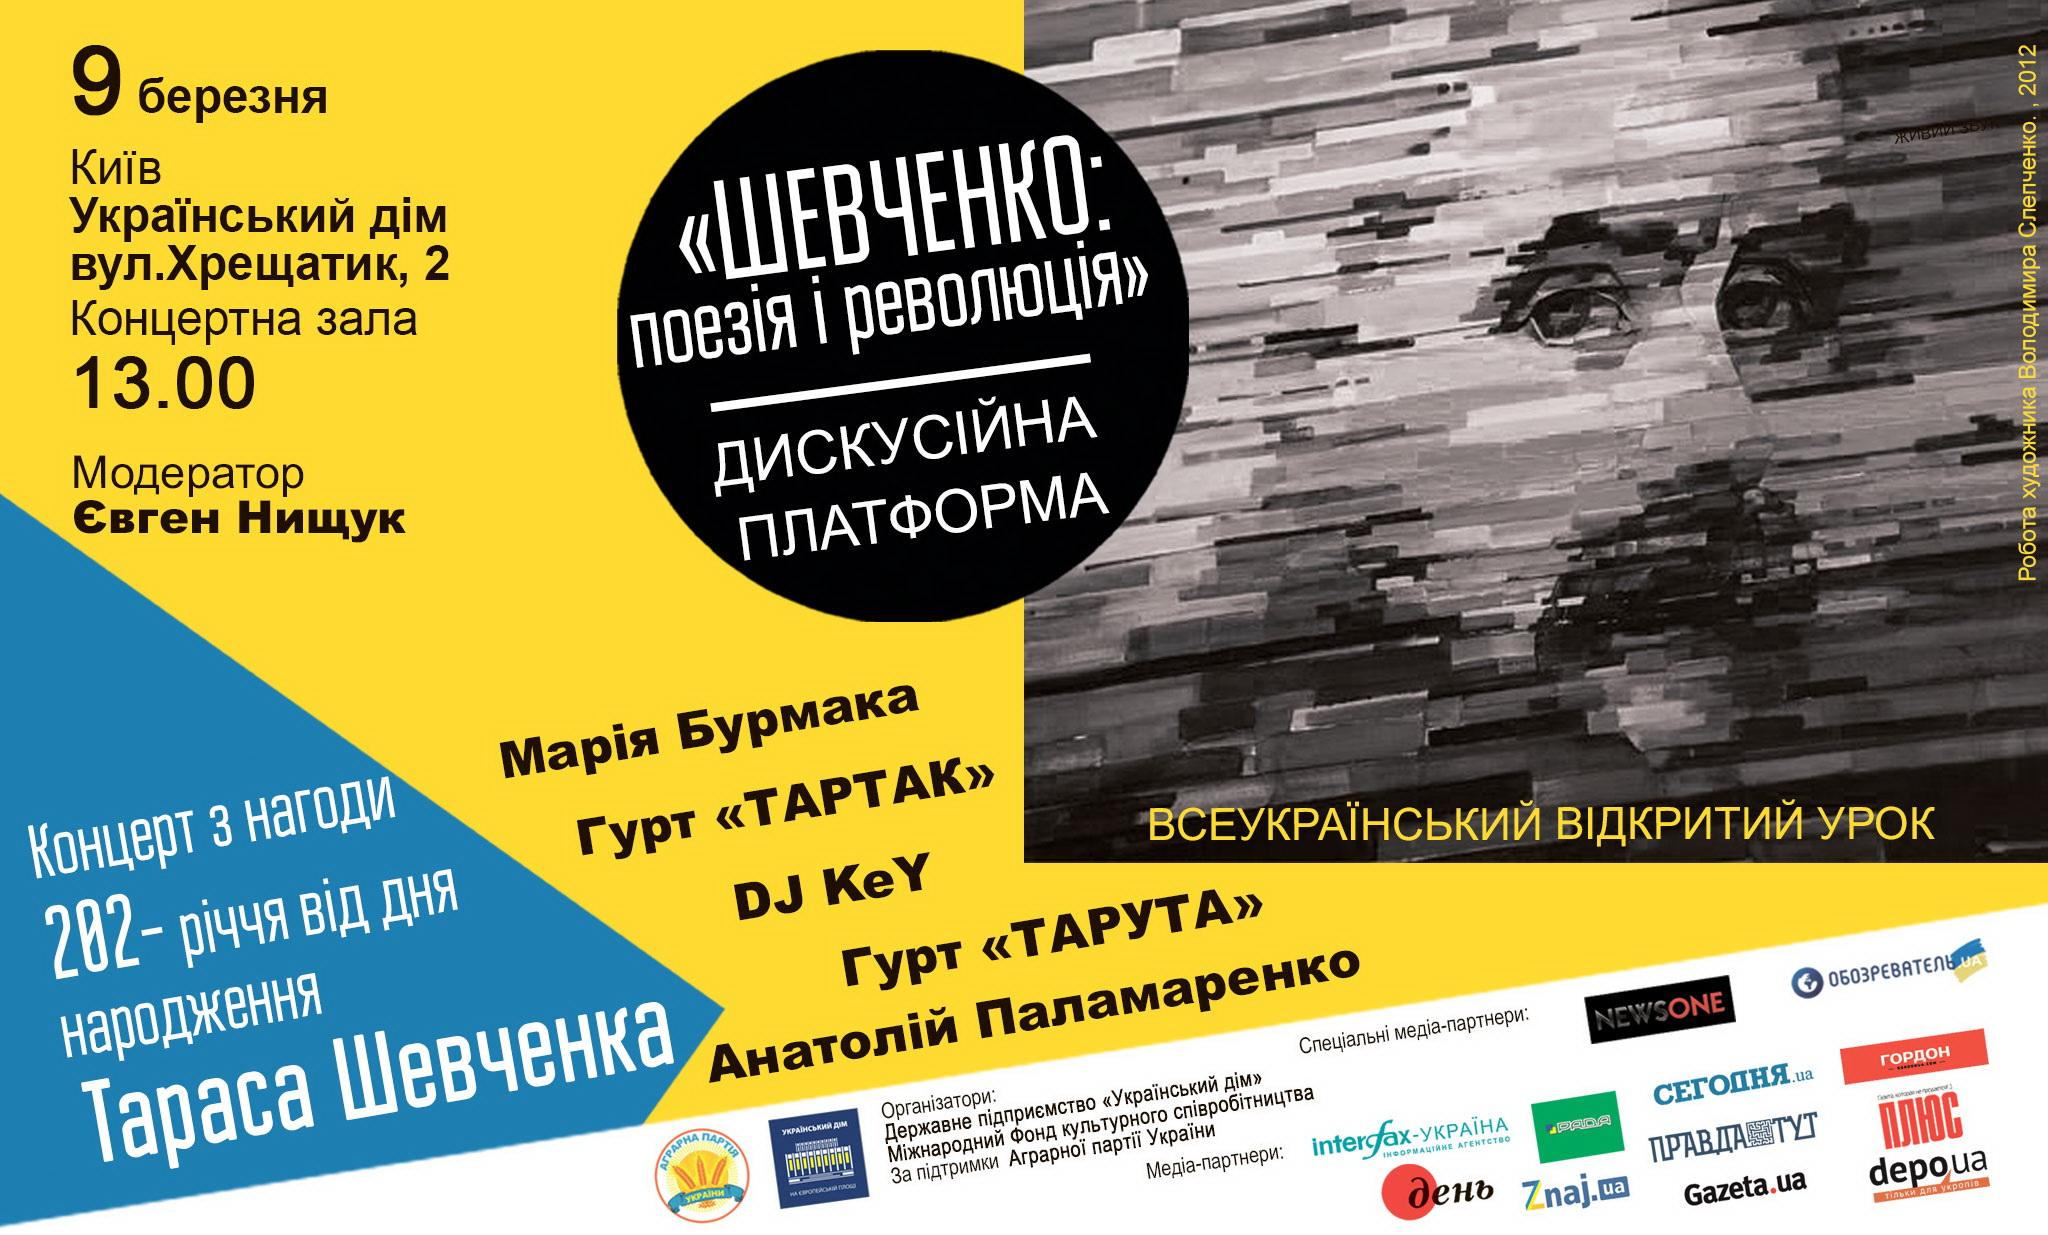 Шевченко: Поезія та революція - фото 1